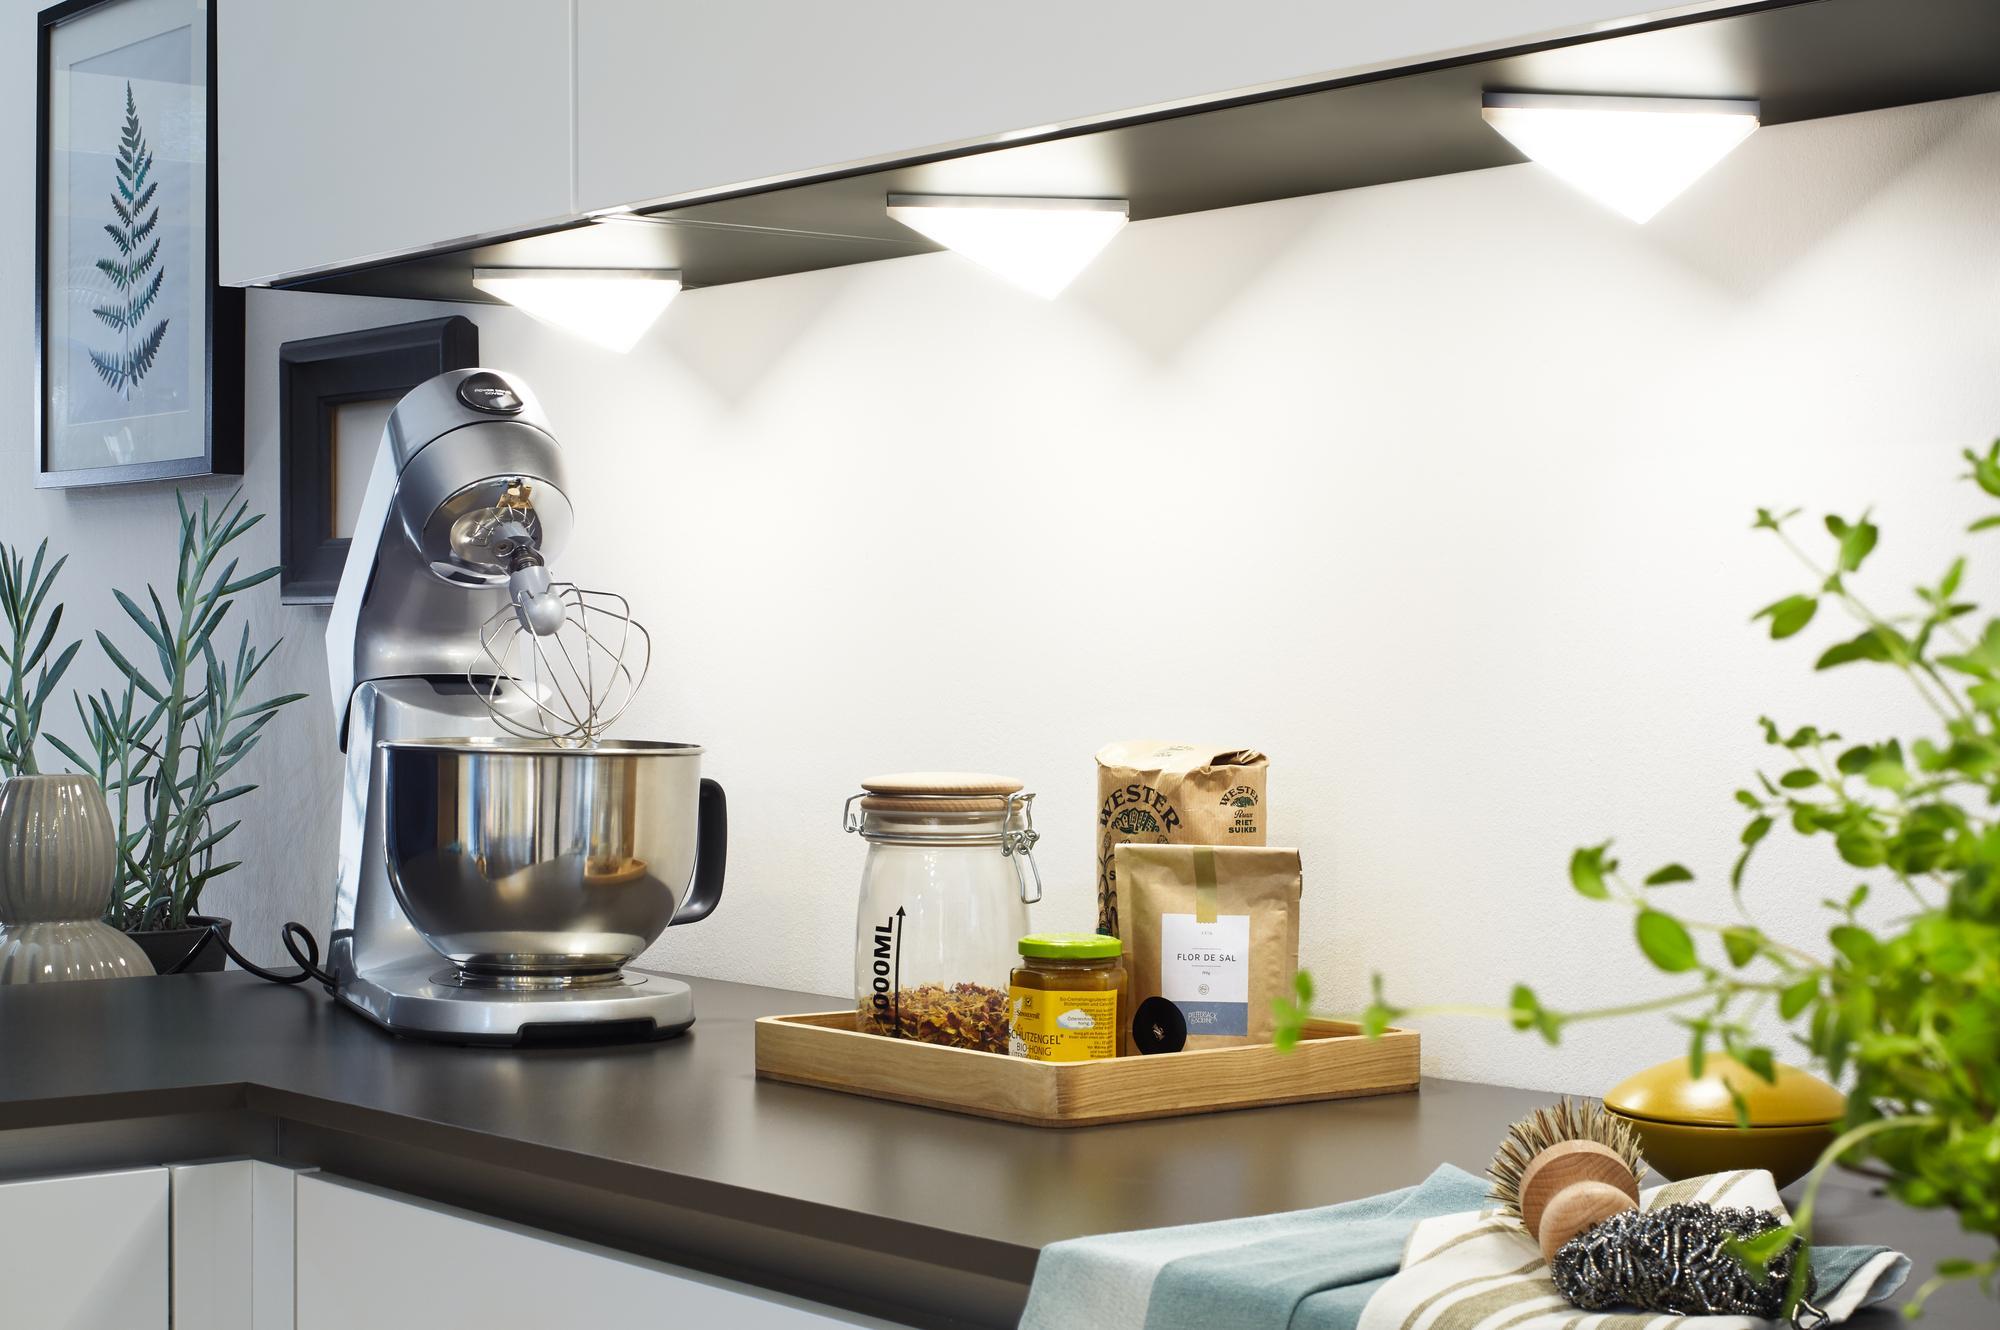 Küchenbeleuchtung Ideen tolle ideen rund um das thema küchenbeleuchtung